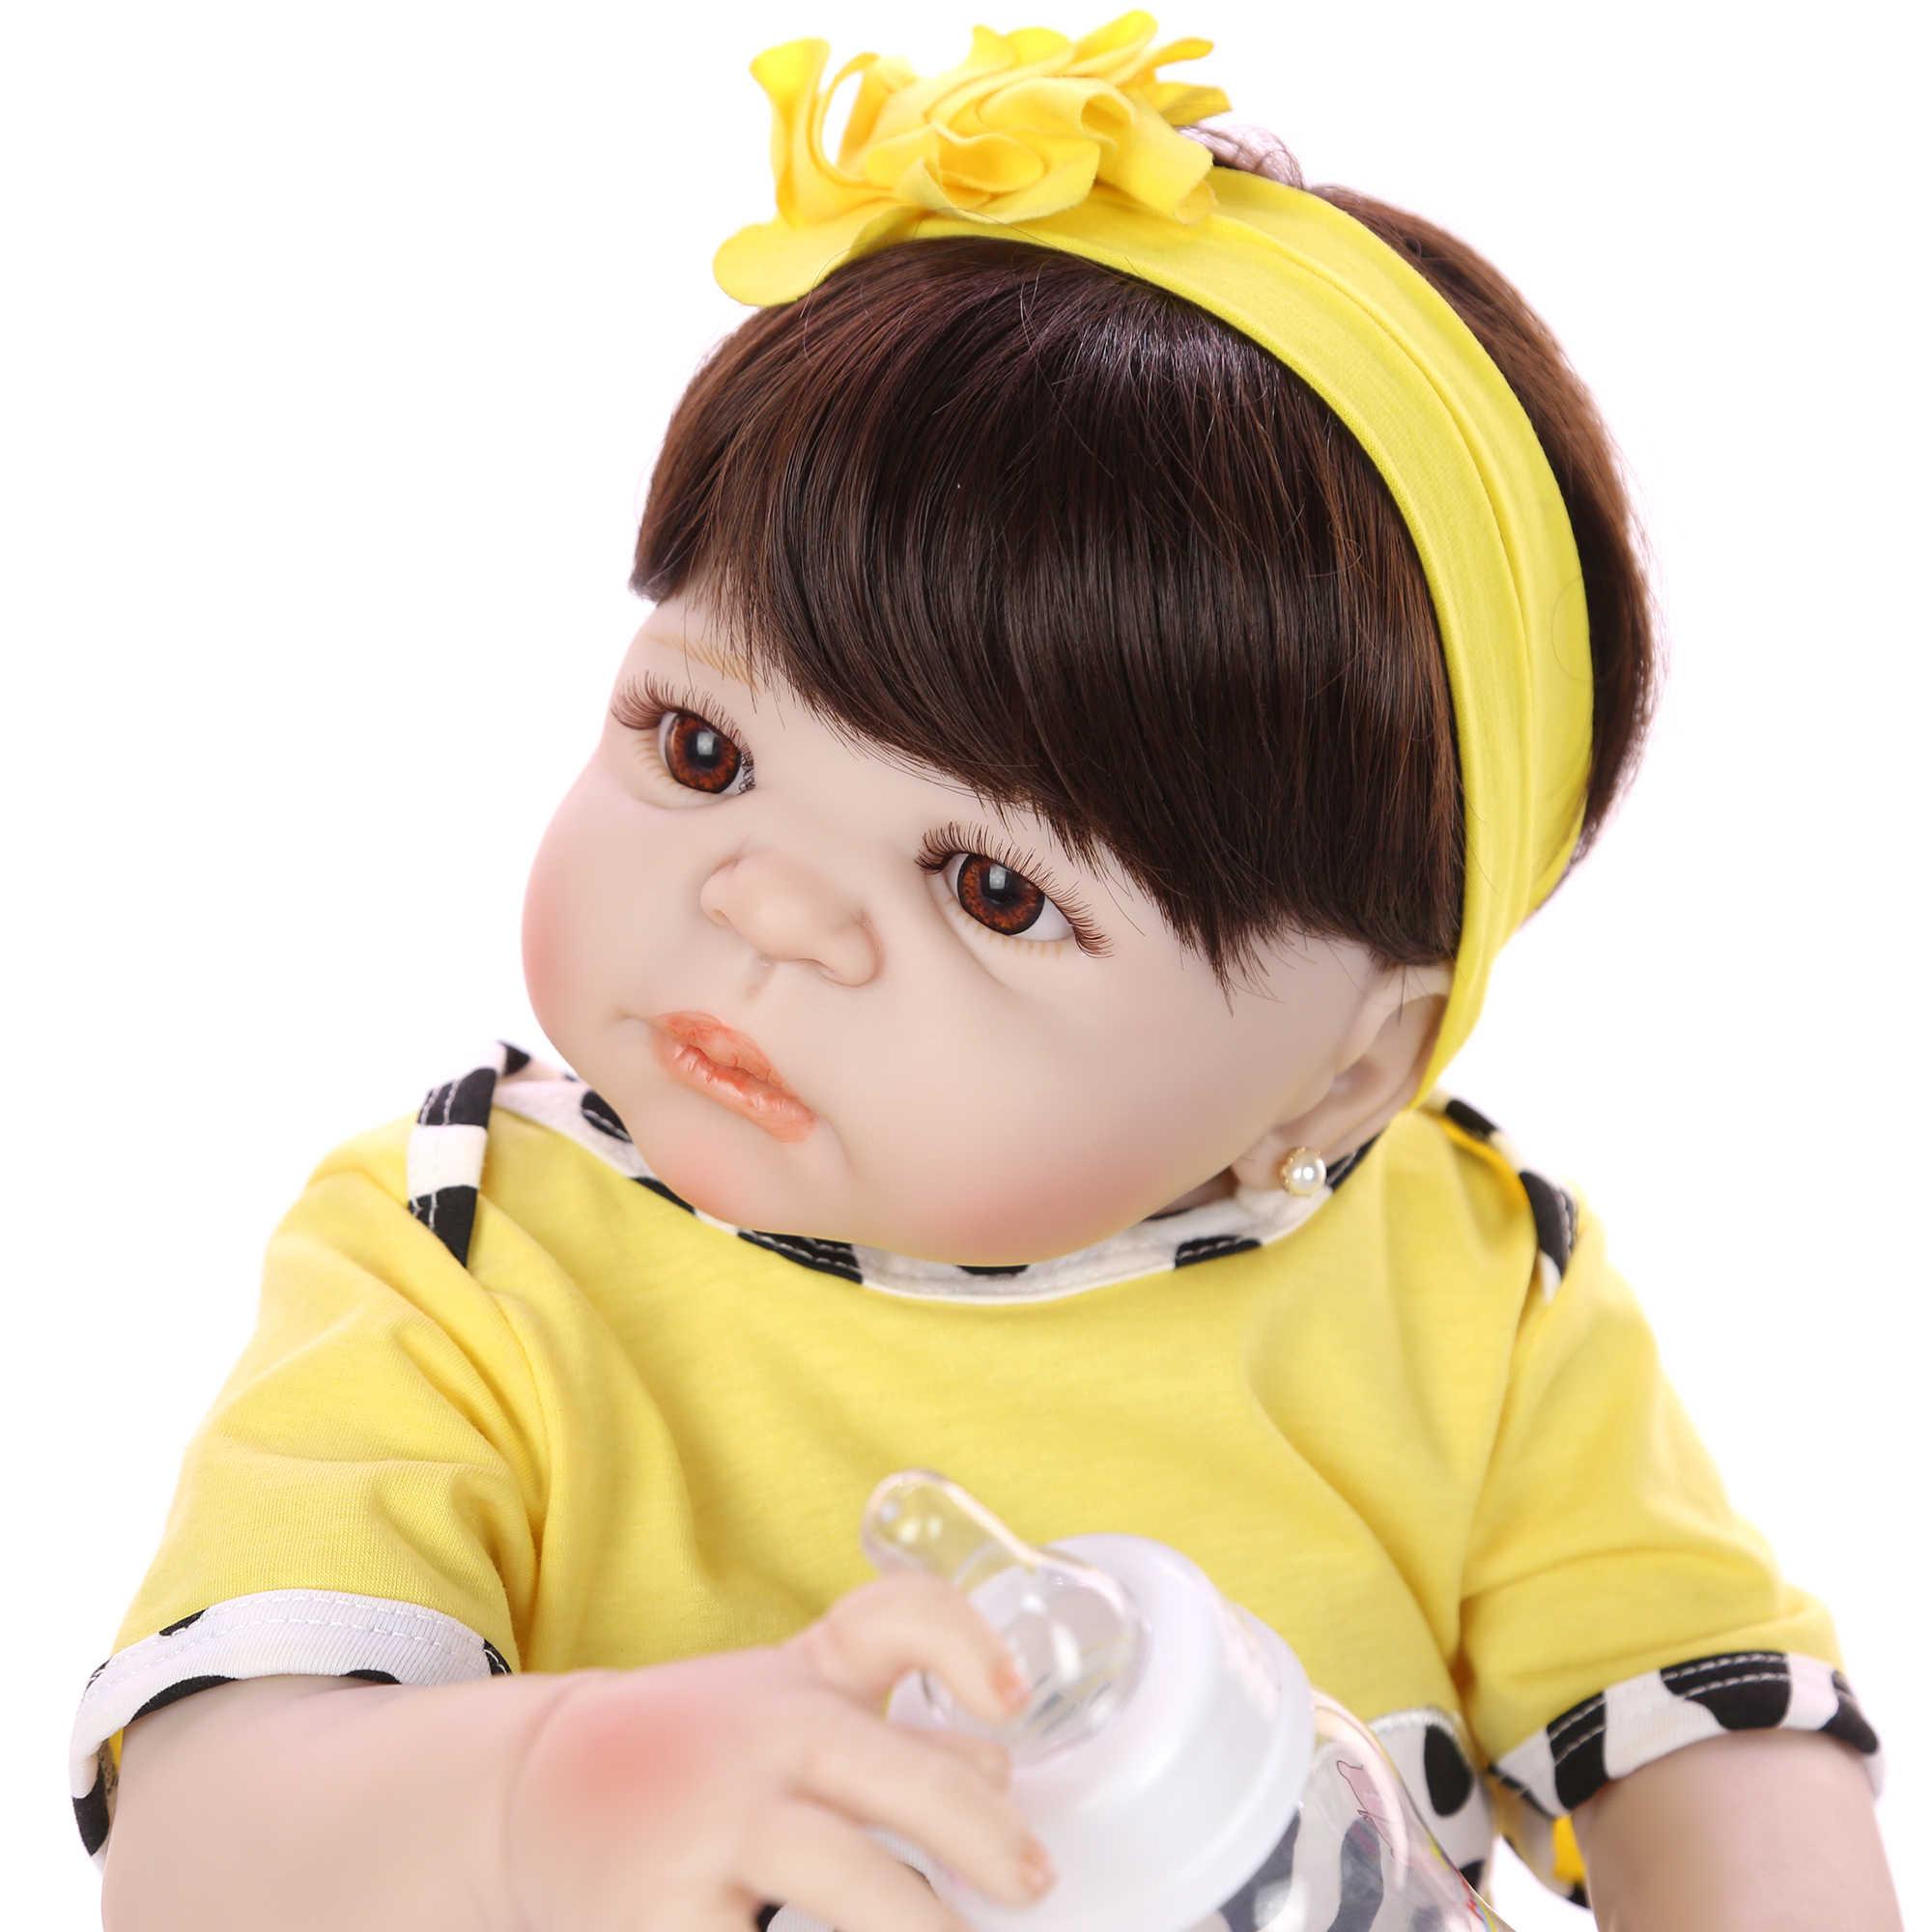 KEIUMI Коллекционная 57 см кукла для новорожденных, полностью виниловая кукла, очень похожая на девочку, живая кукла в Бразилии, игрушка для малышей, подарок на день рождения